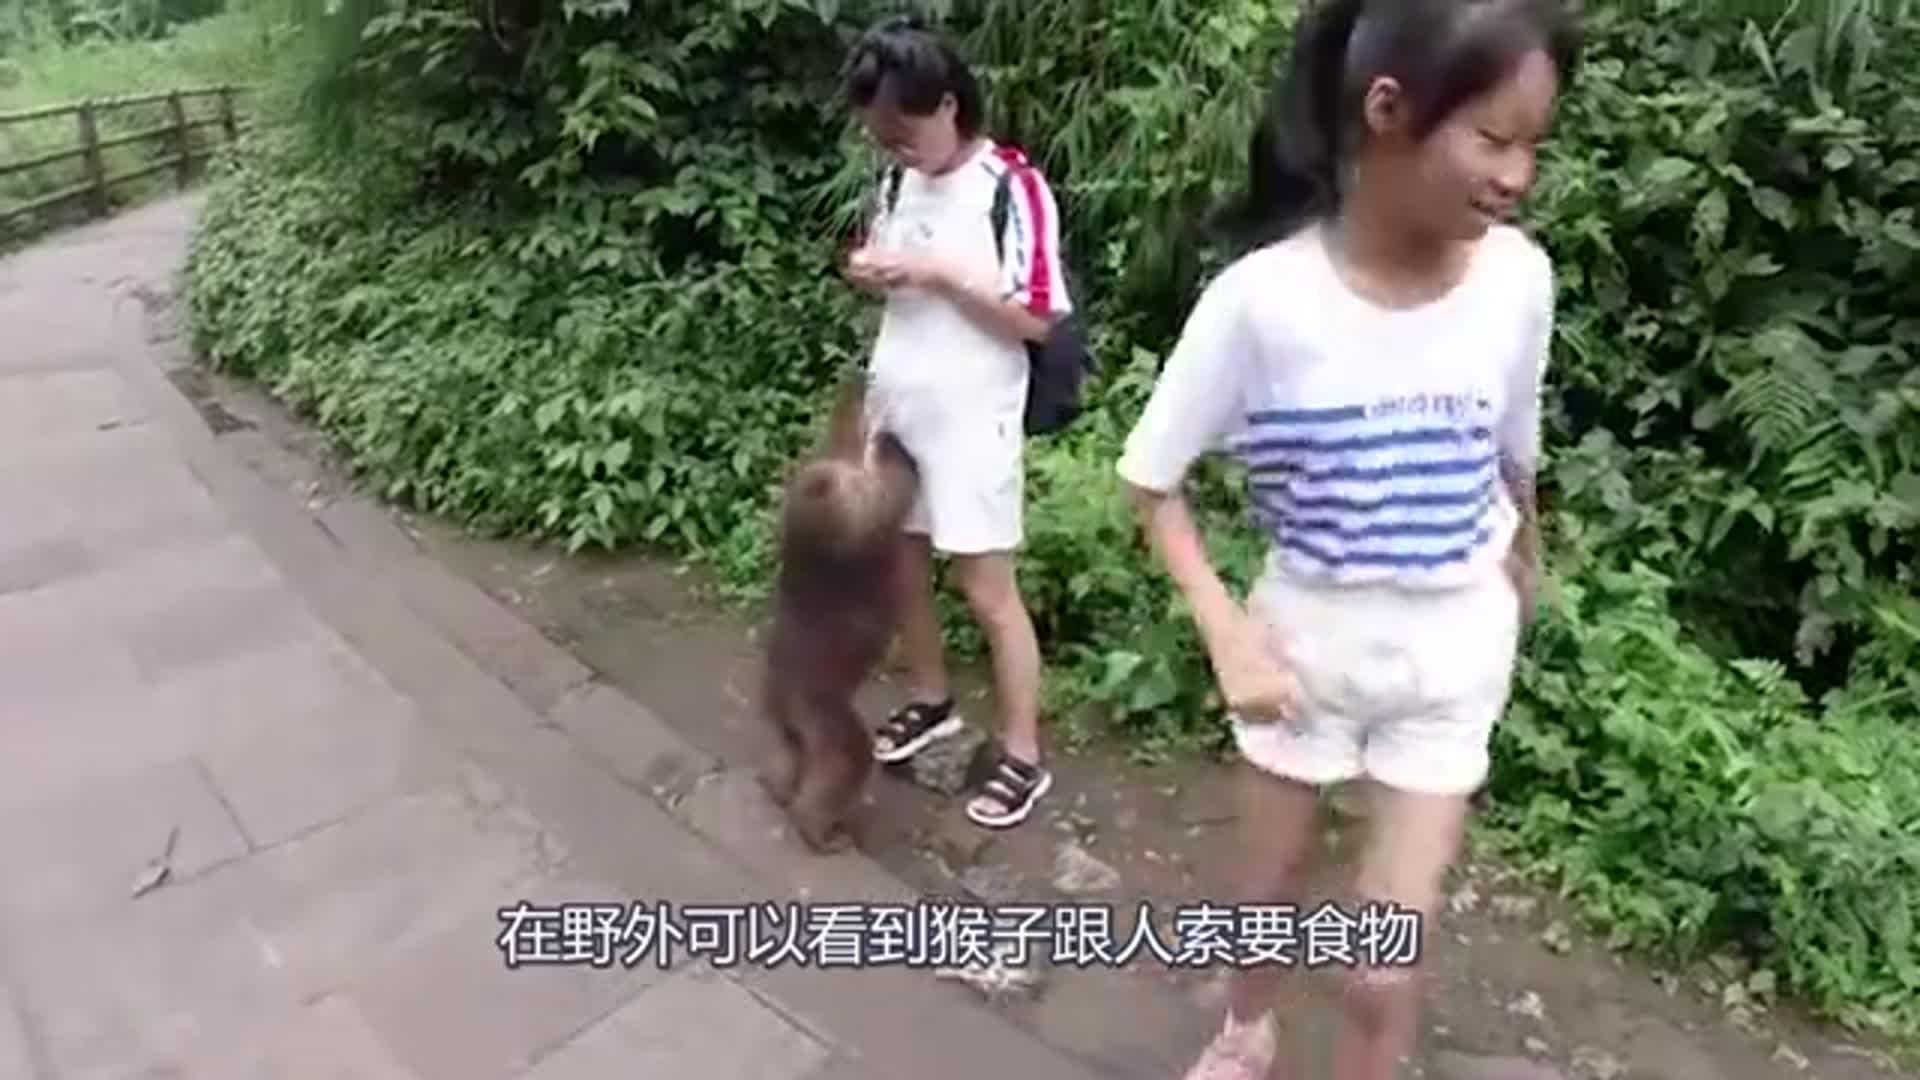 做梦都想不到,猴子竟然做出这种损事,要不是镜头拍下都被骗了!